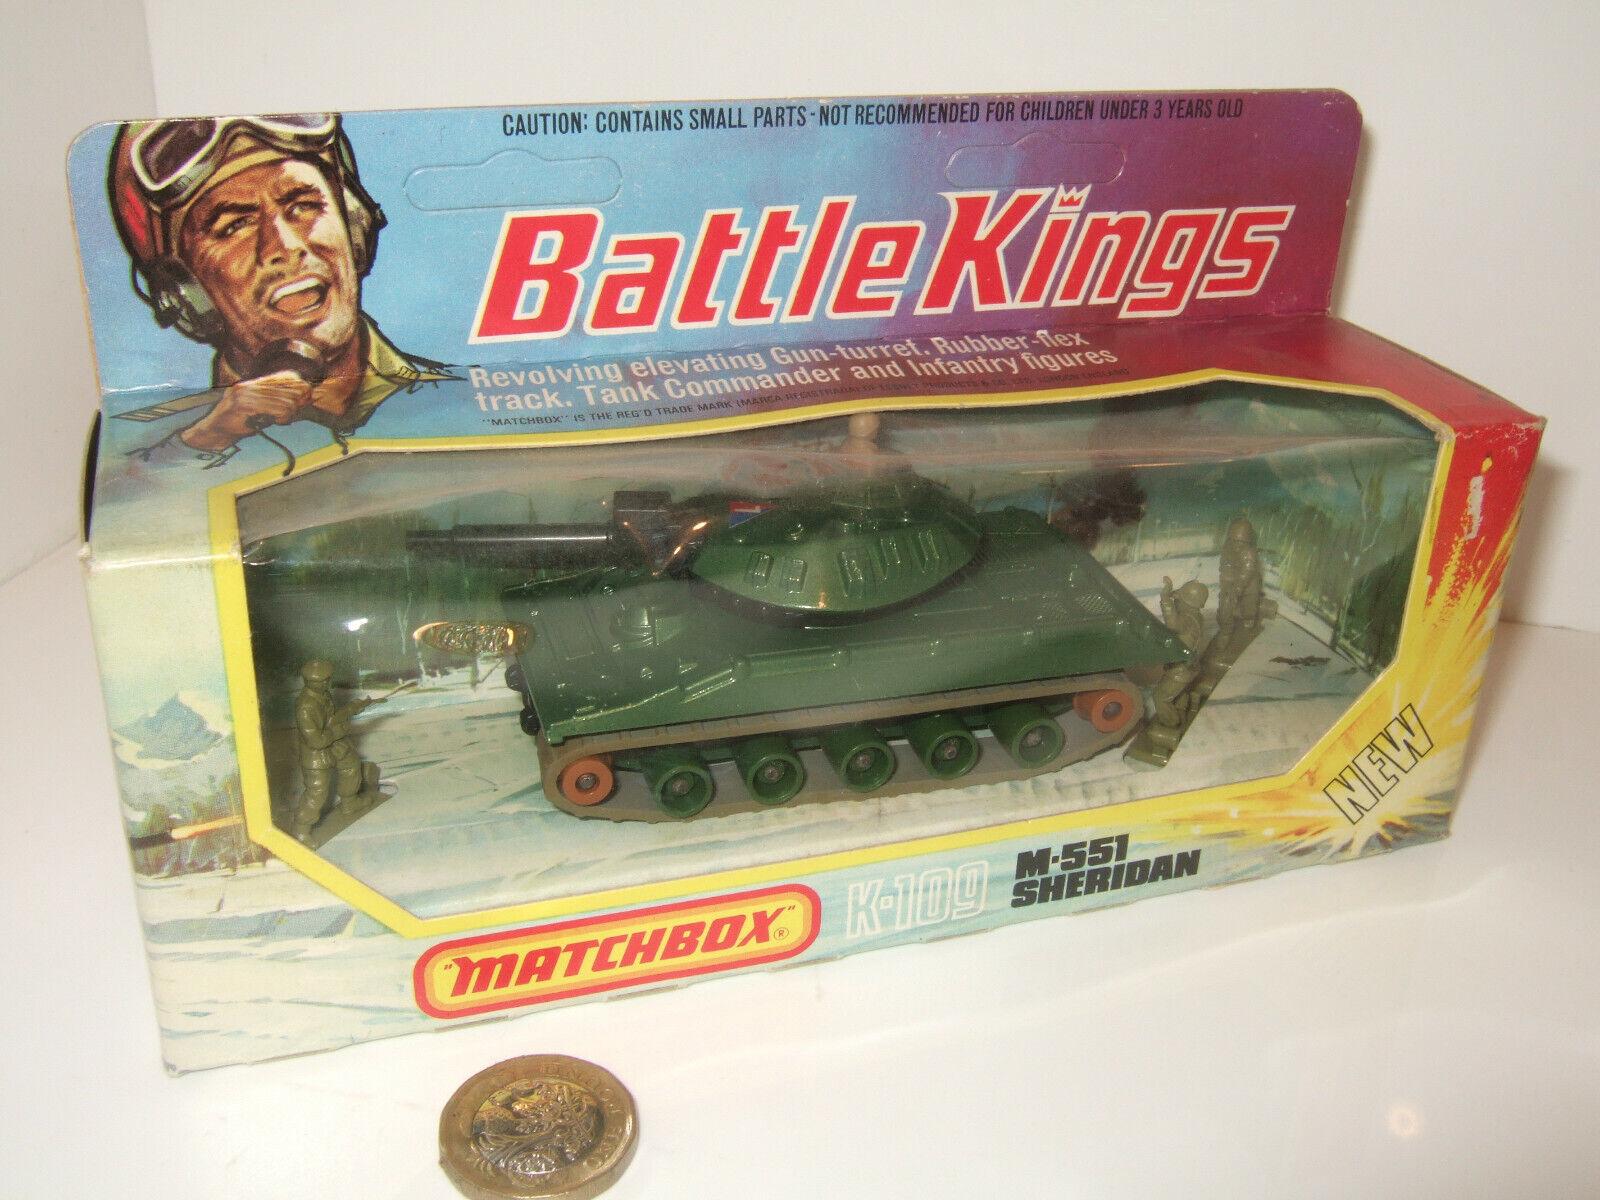 descuento de bajo precio Raro Matchbox batalla Reyes K-109 K-109 K-109 M-551 Sheridan & Commander & Figuras De Infantería  venta